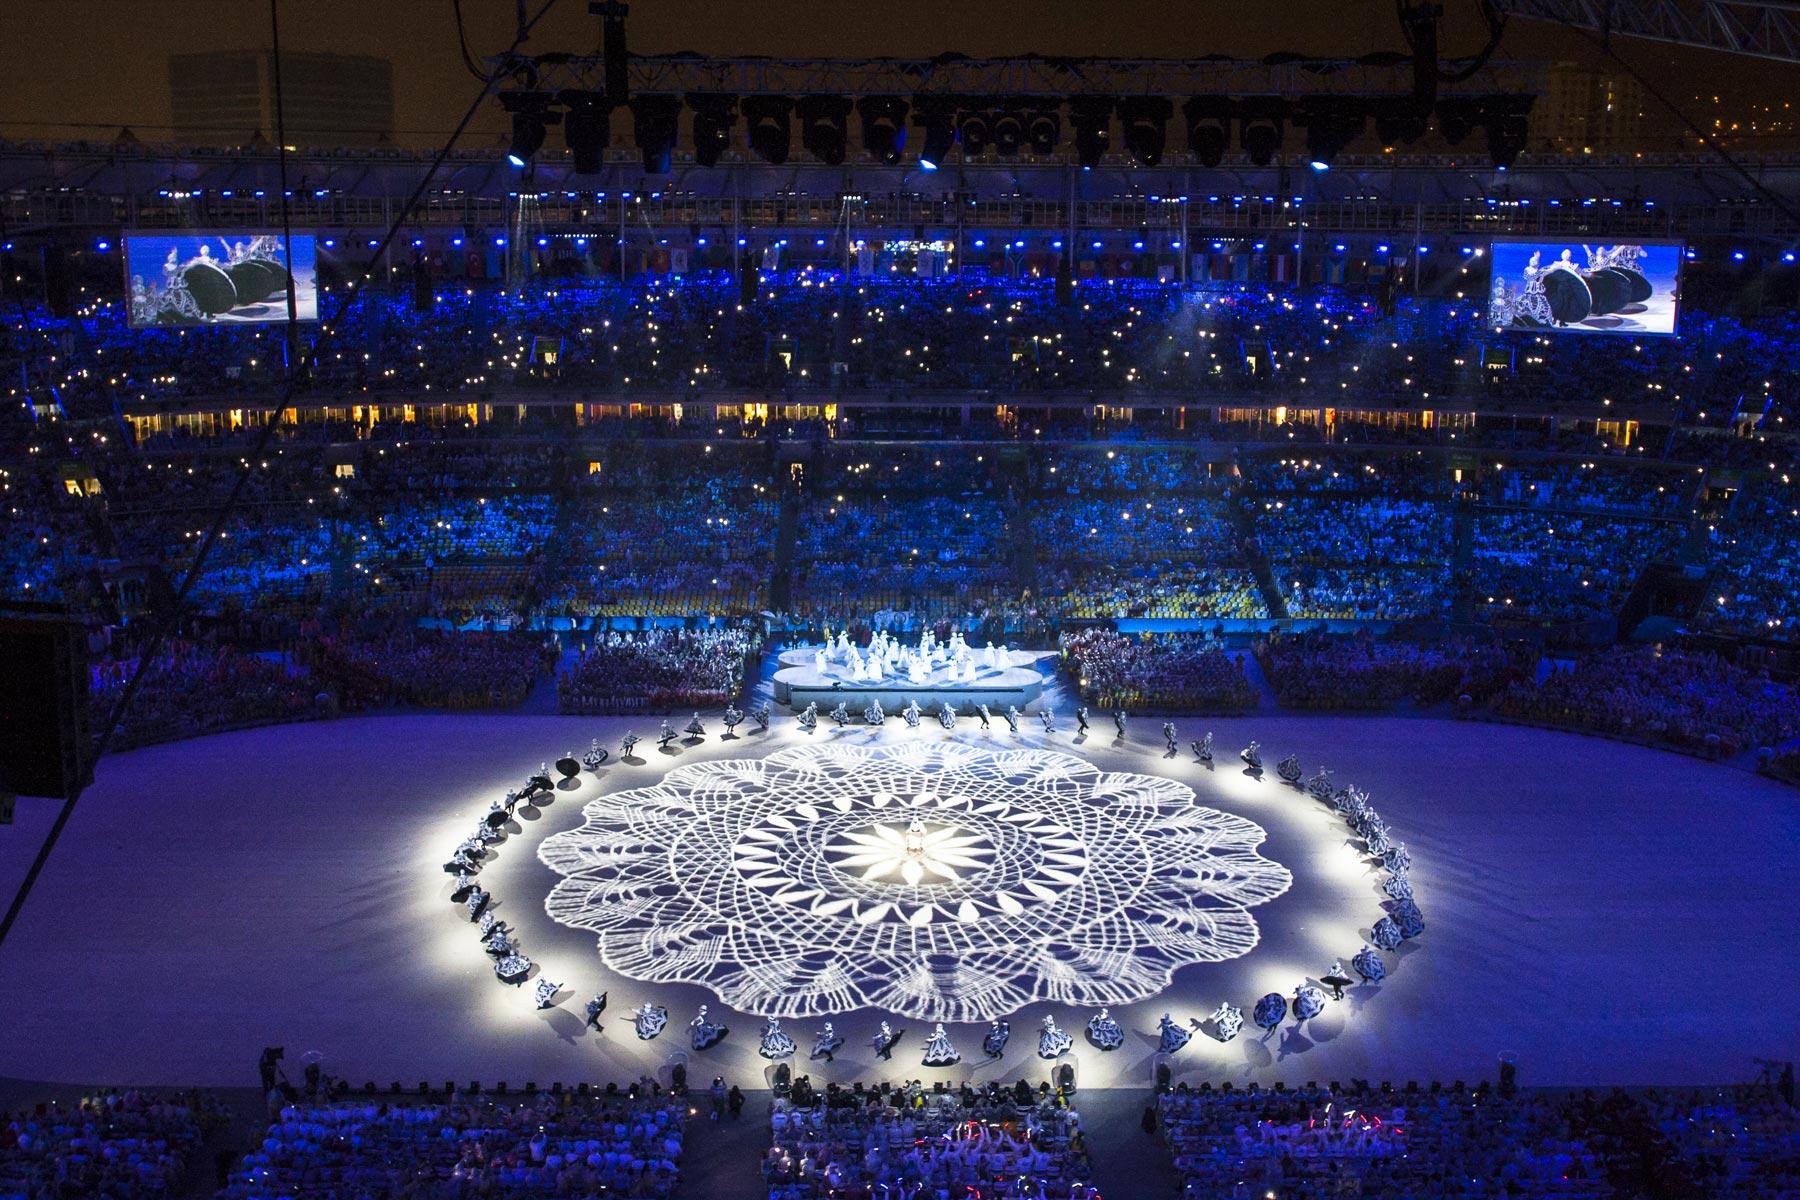 Toàn bộ thông tin cần biết về lễ khai mạc Olympic 2020 - Ảnh 4.